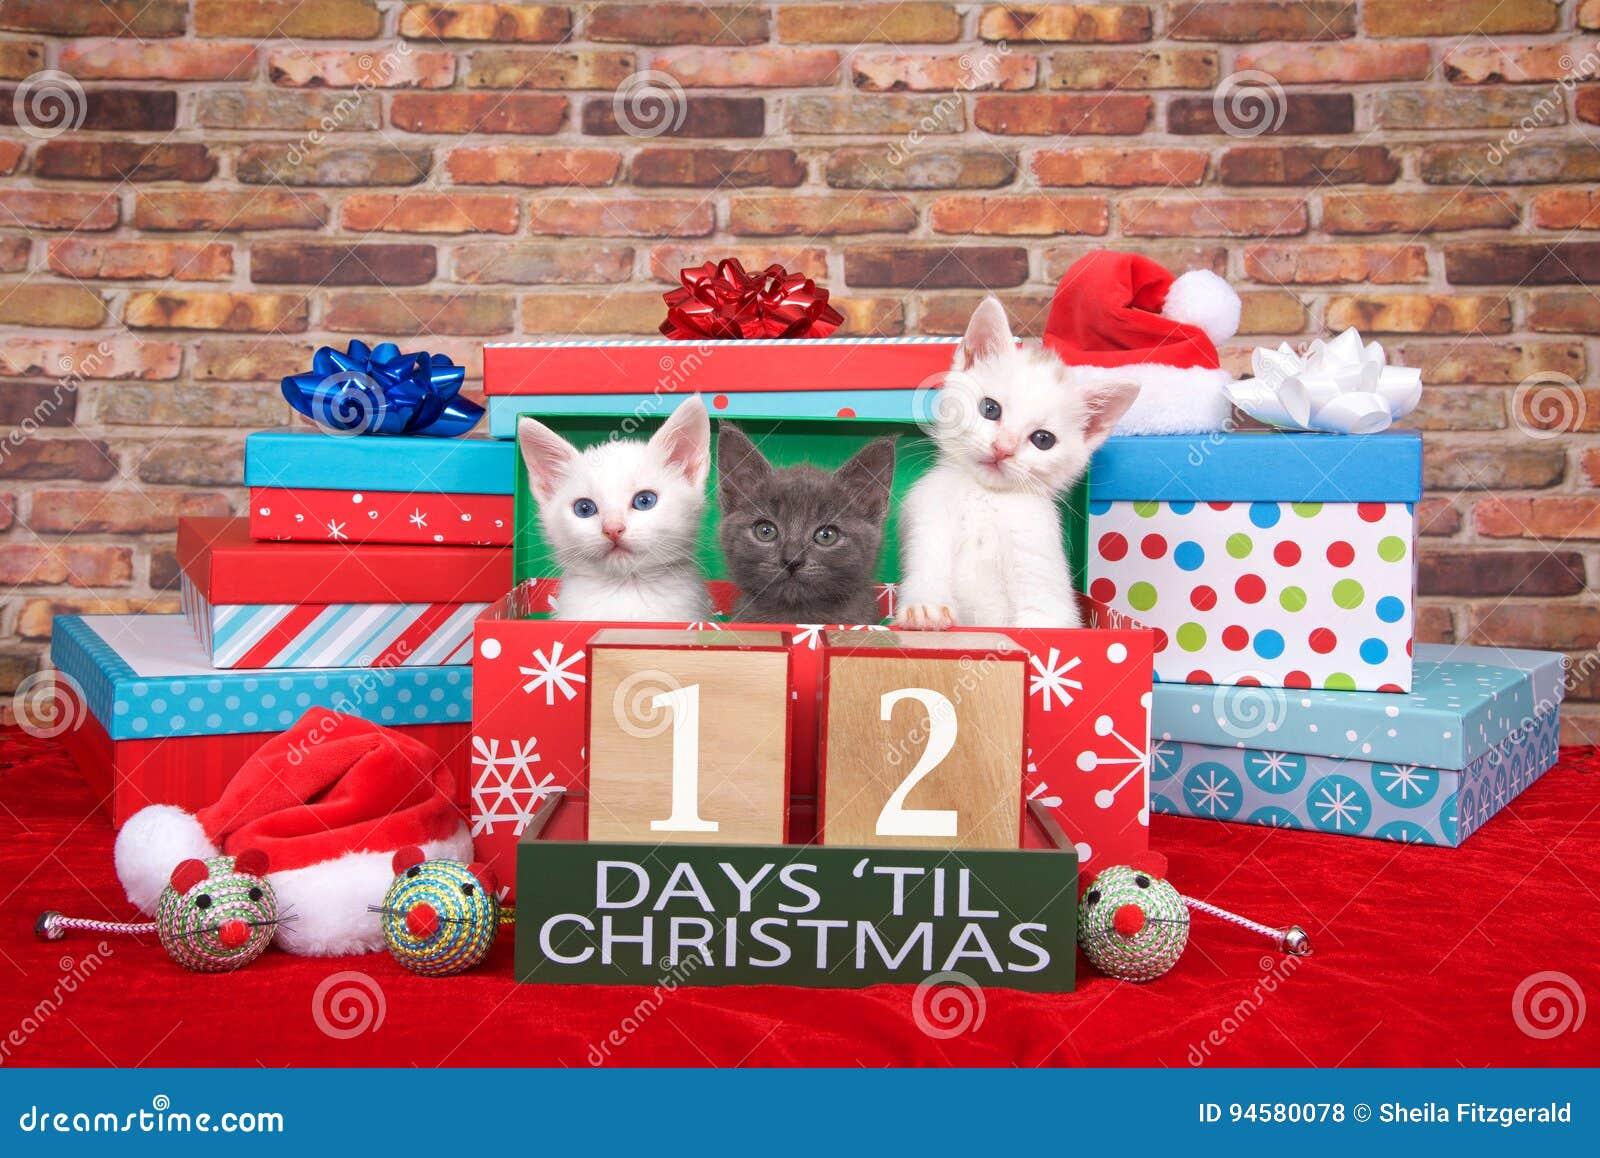 Gatinho doze dias até o Natal